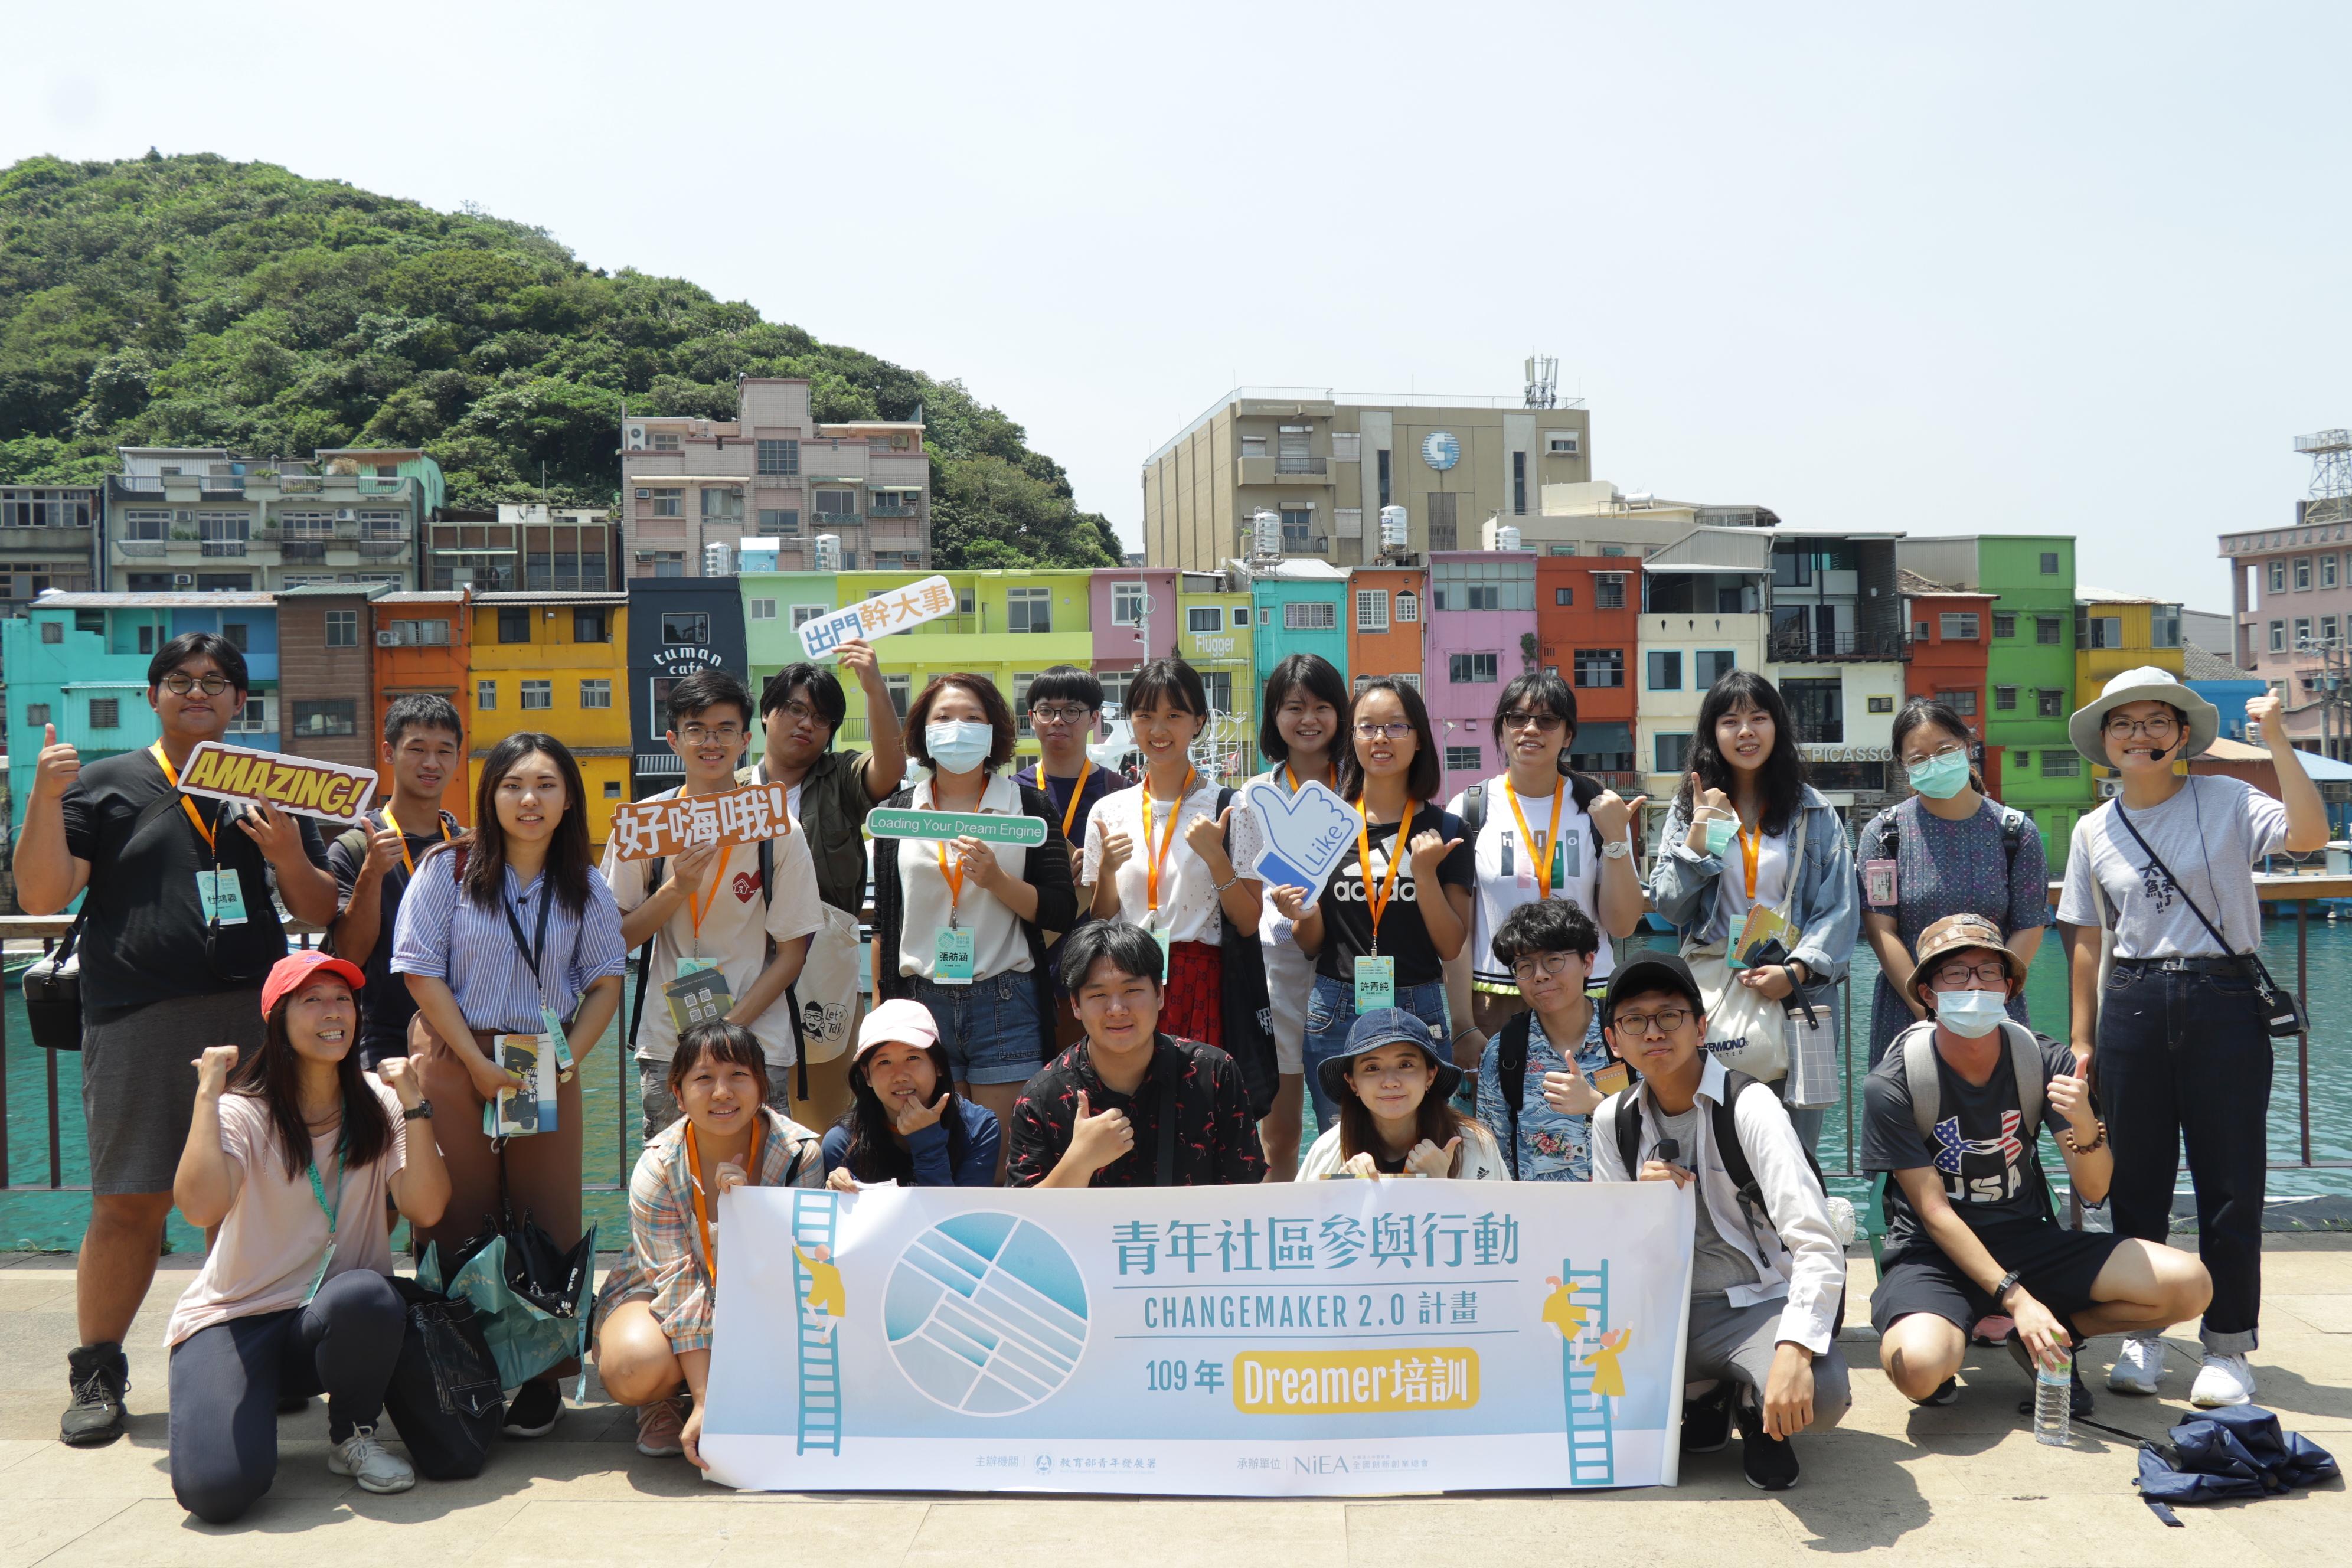 圖三:參與青年社區參與行動的Dreamer學員在烈日下繞行正濱漁港,對星濱山的導覽與行動說明充滿興趣。(攝/萬巧蓉)